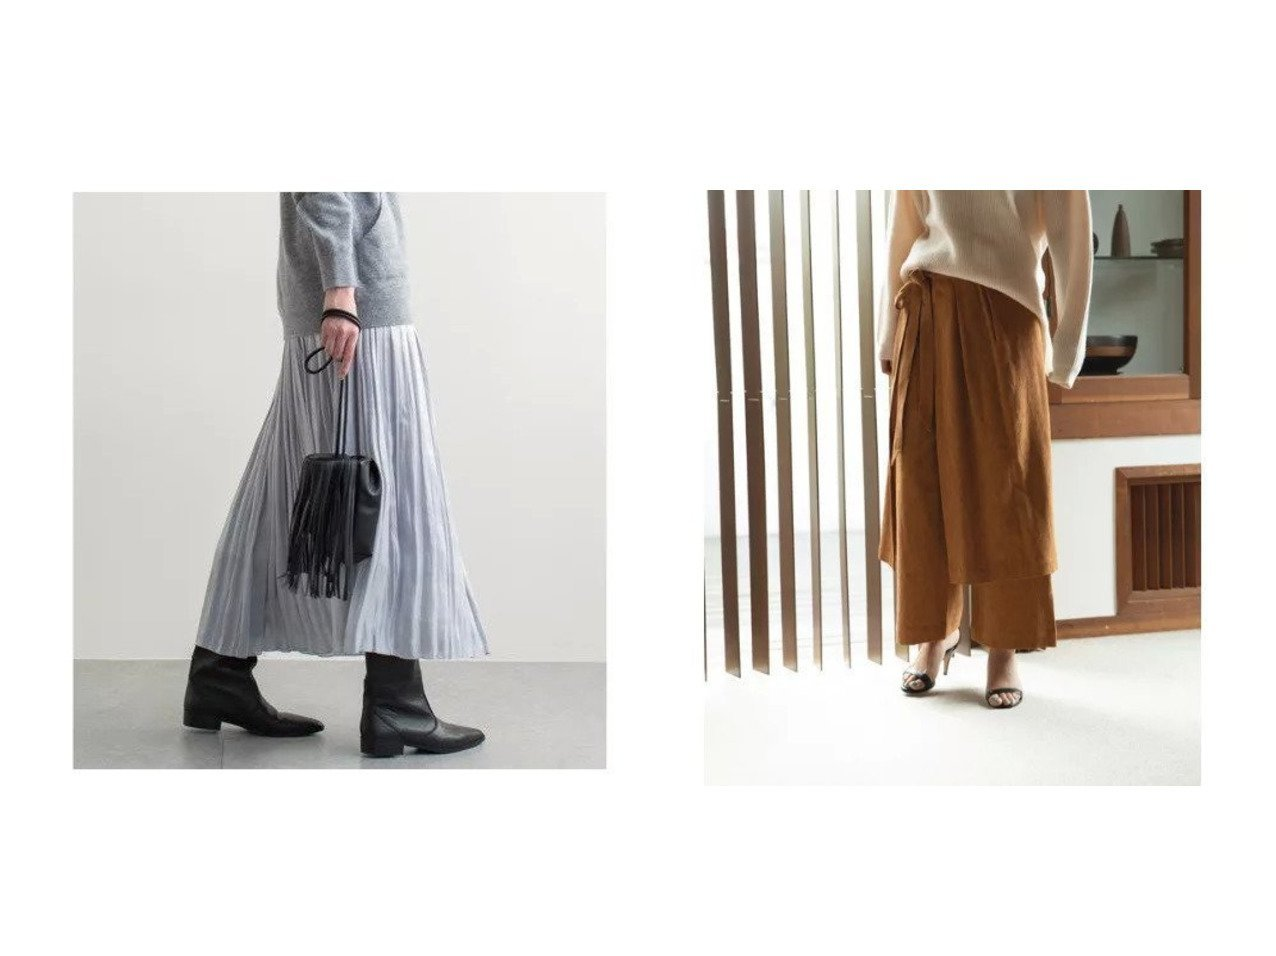 【marjour/マージュール】のWRAP SKIRT LAYERED PANTS&【GALLARDAGALANTE/ガリャルダガランテ】のシャイニープリーツスカート スカートのおすすめ!人気、トレンド・レディースファッションの通販  おすすめで人気の流行・トレンド、ファッションの通販商品 メンズファッション・キッズファッション・インテリア・家具・レディースファッション・服の通販 founy(ファニー) https://founy.com/ ファッション Fashion レディースファッション WOMEN スカート Skirt プリーツスカート Pleated Skirts 春 シャイニー シルバー プリーツ マキシ ランダム リラックス ロング シンプル ラップ |ID:crp329100000009731